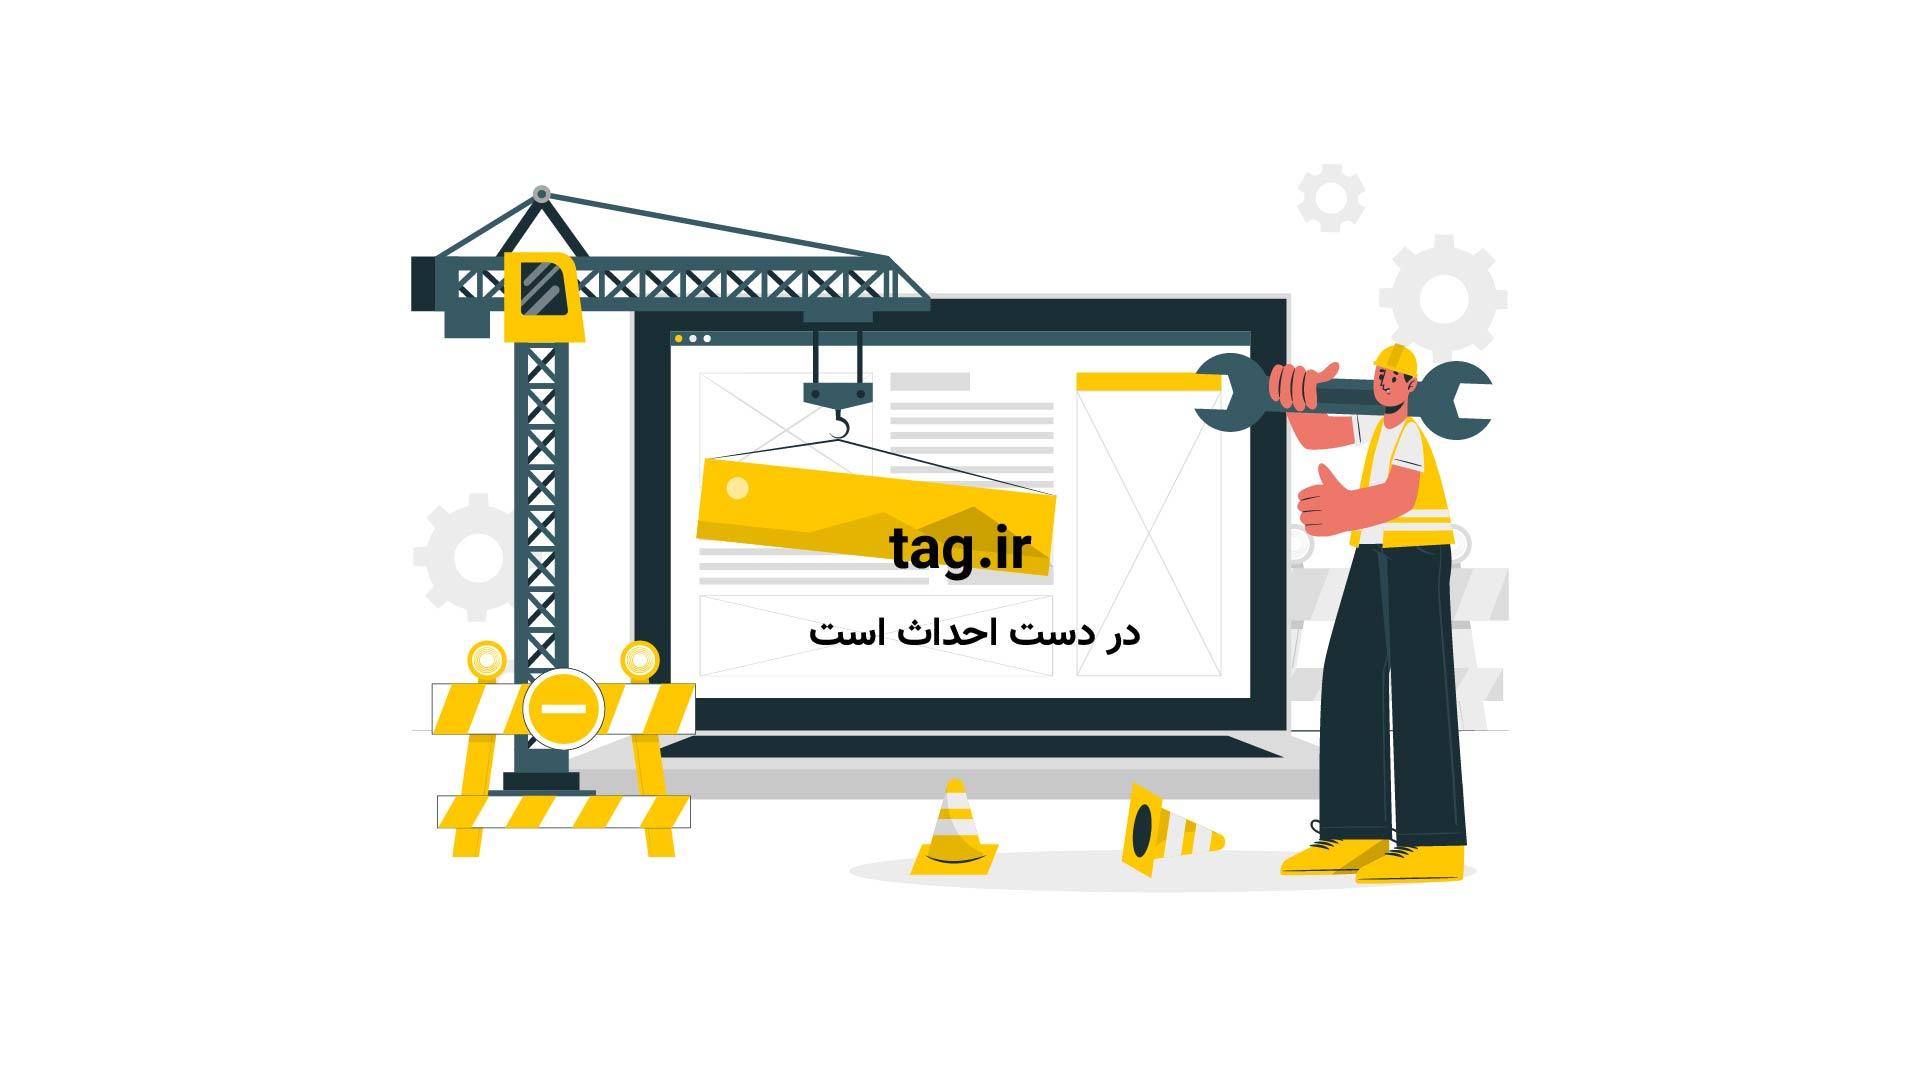 آبشار زیبا و دیدنی یاسوج در استان کهکلویه و بویراحمد | فیلم